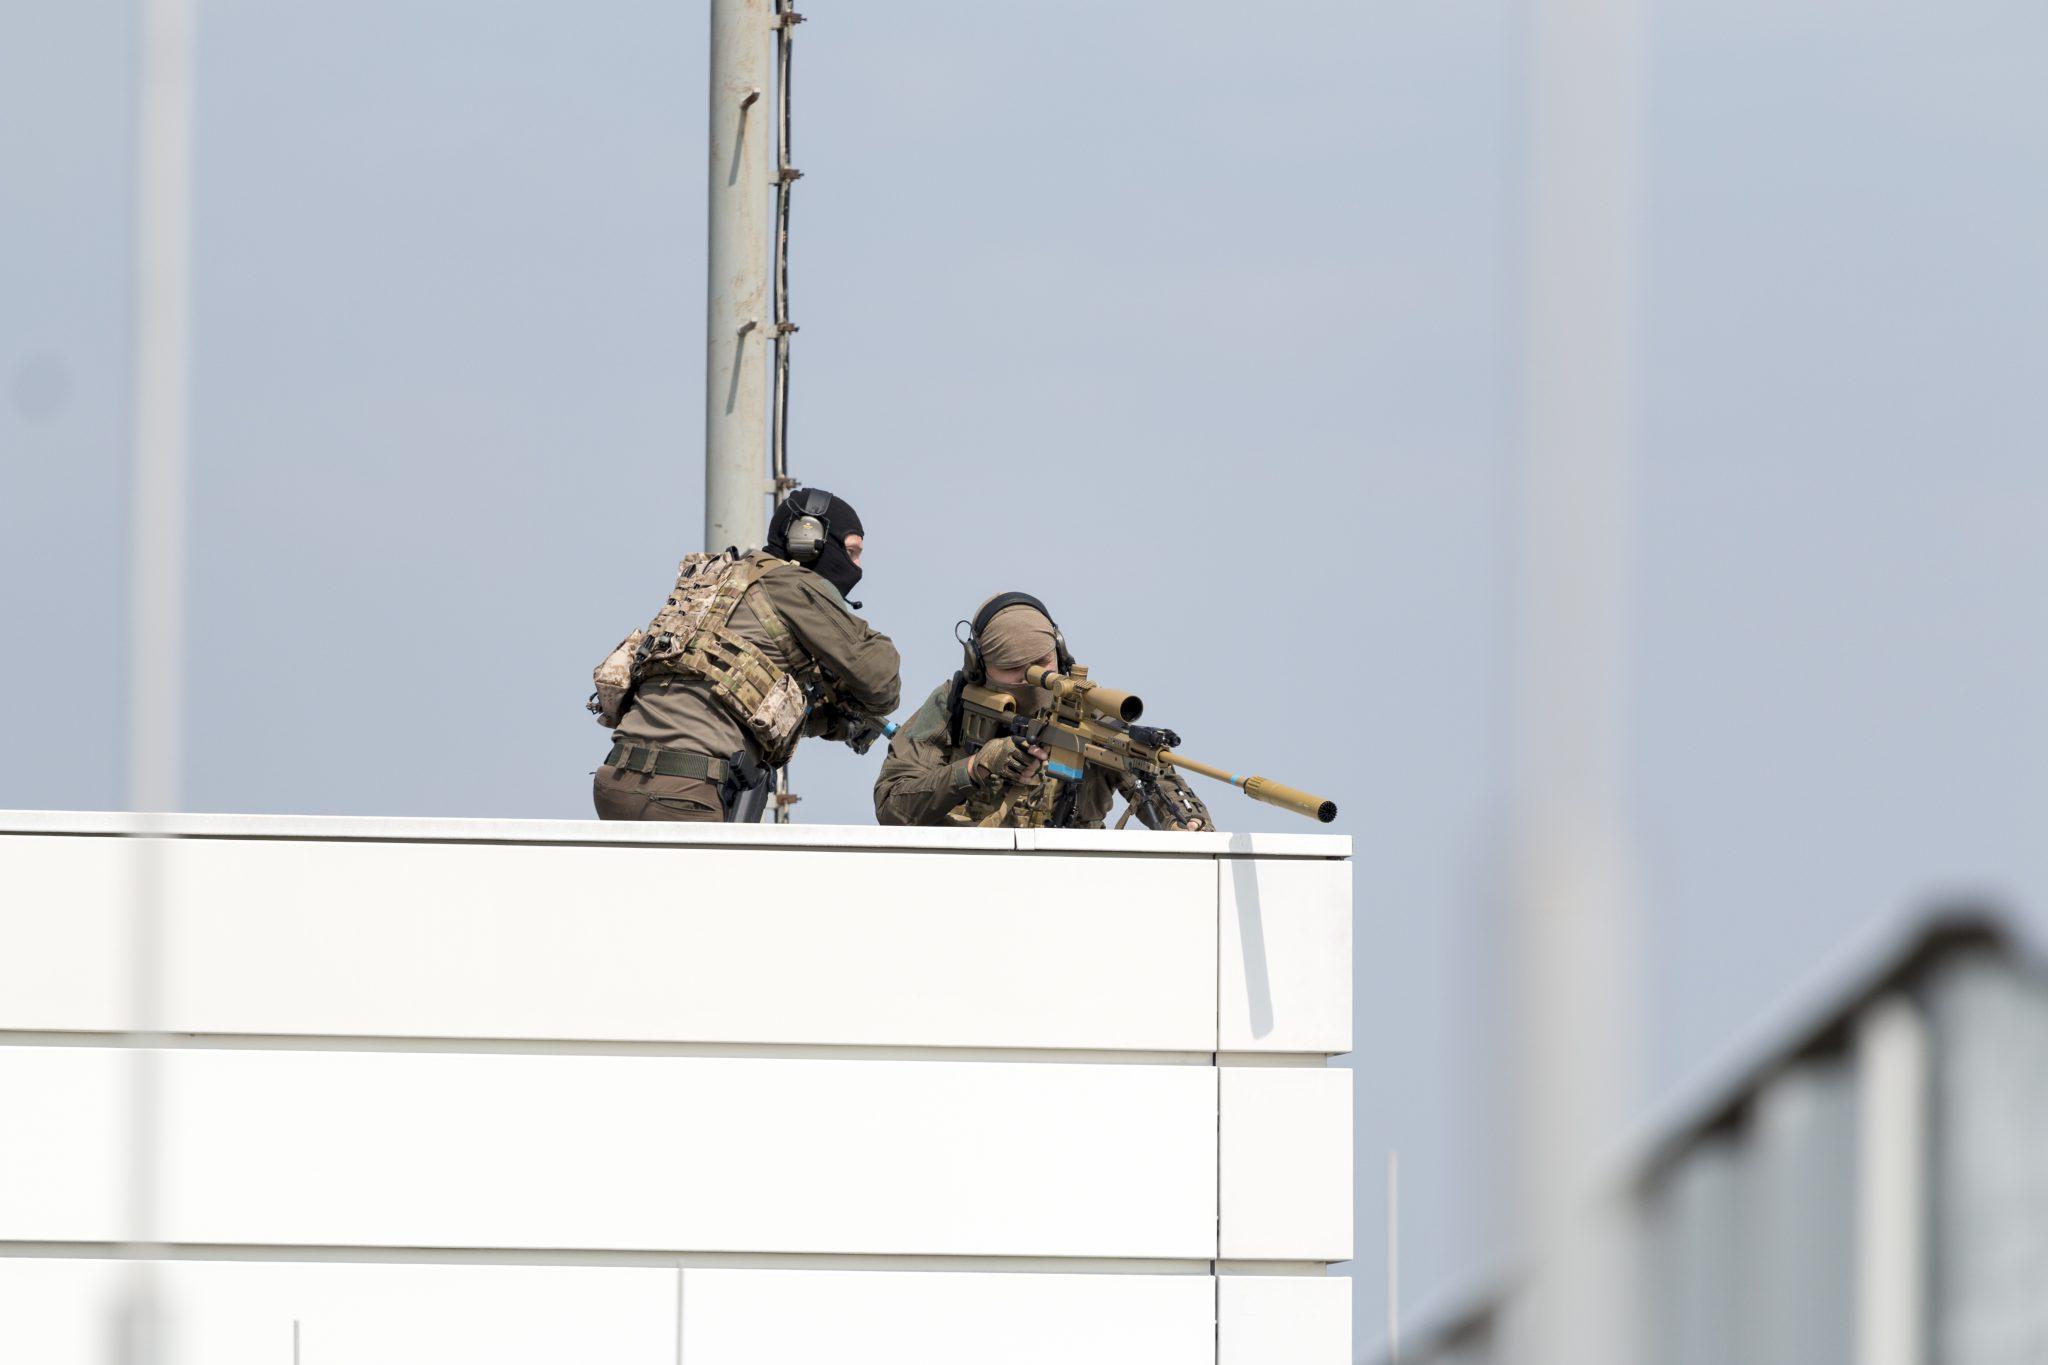 MG Action, MG Forces, Special Forces für Film, SEK Film, GSG9 Film, Polizei Film, Scharfschütze, Sniperpost, Haenel RS9